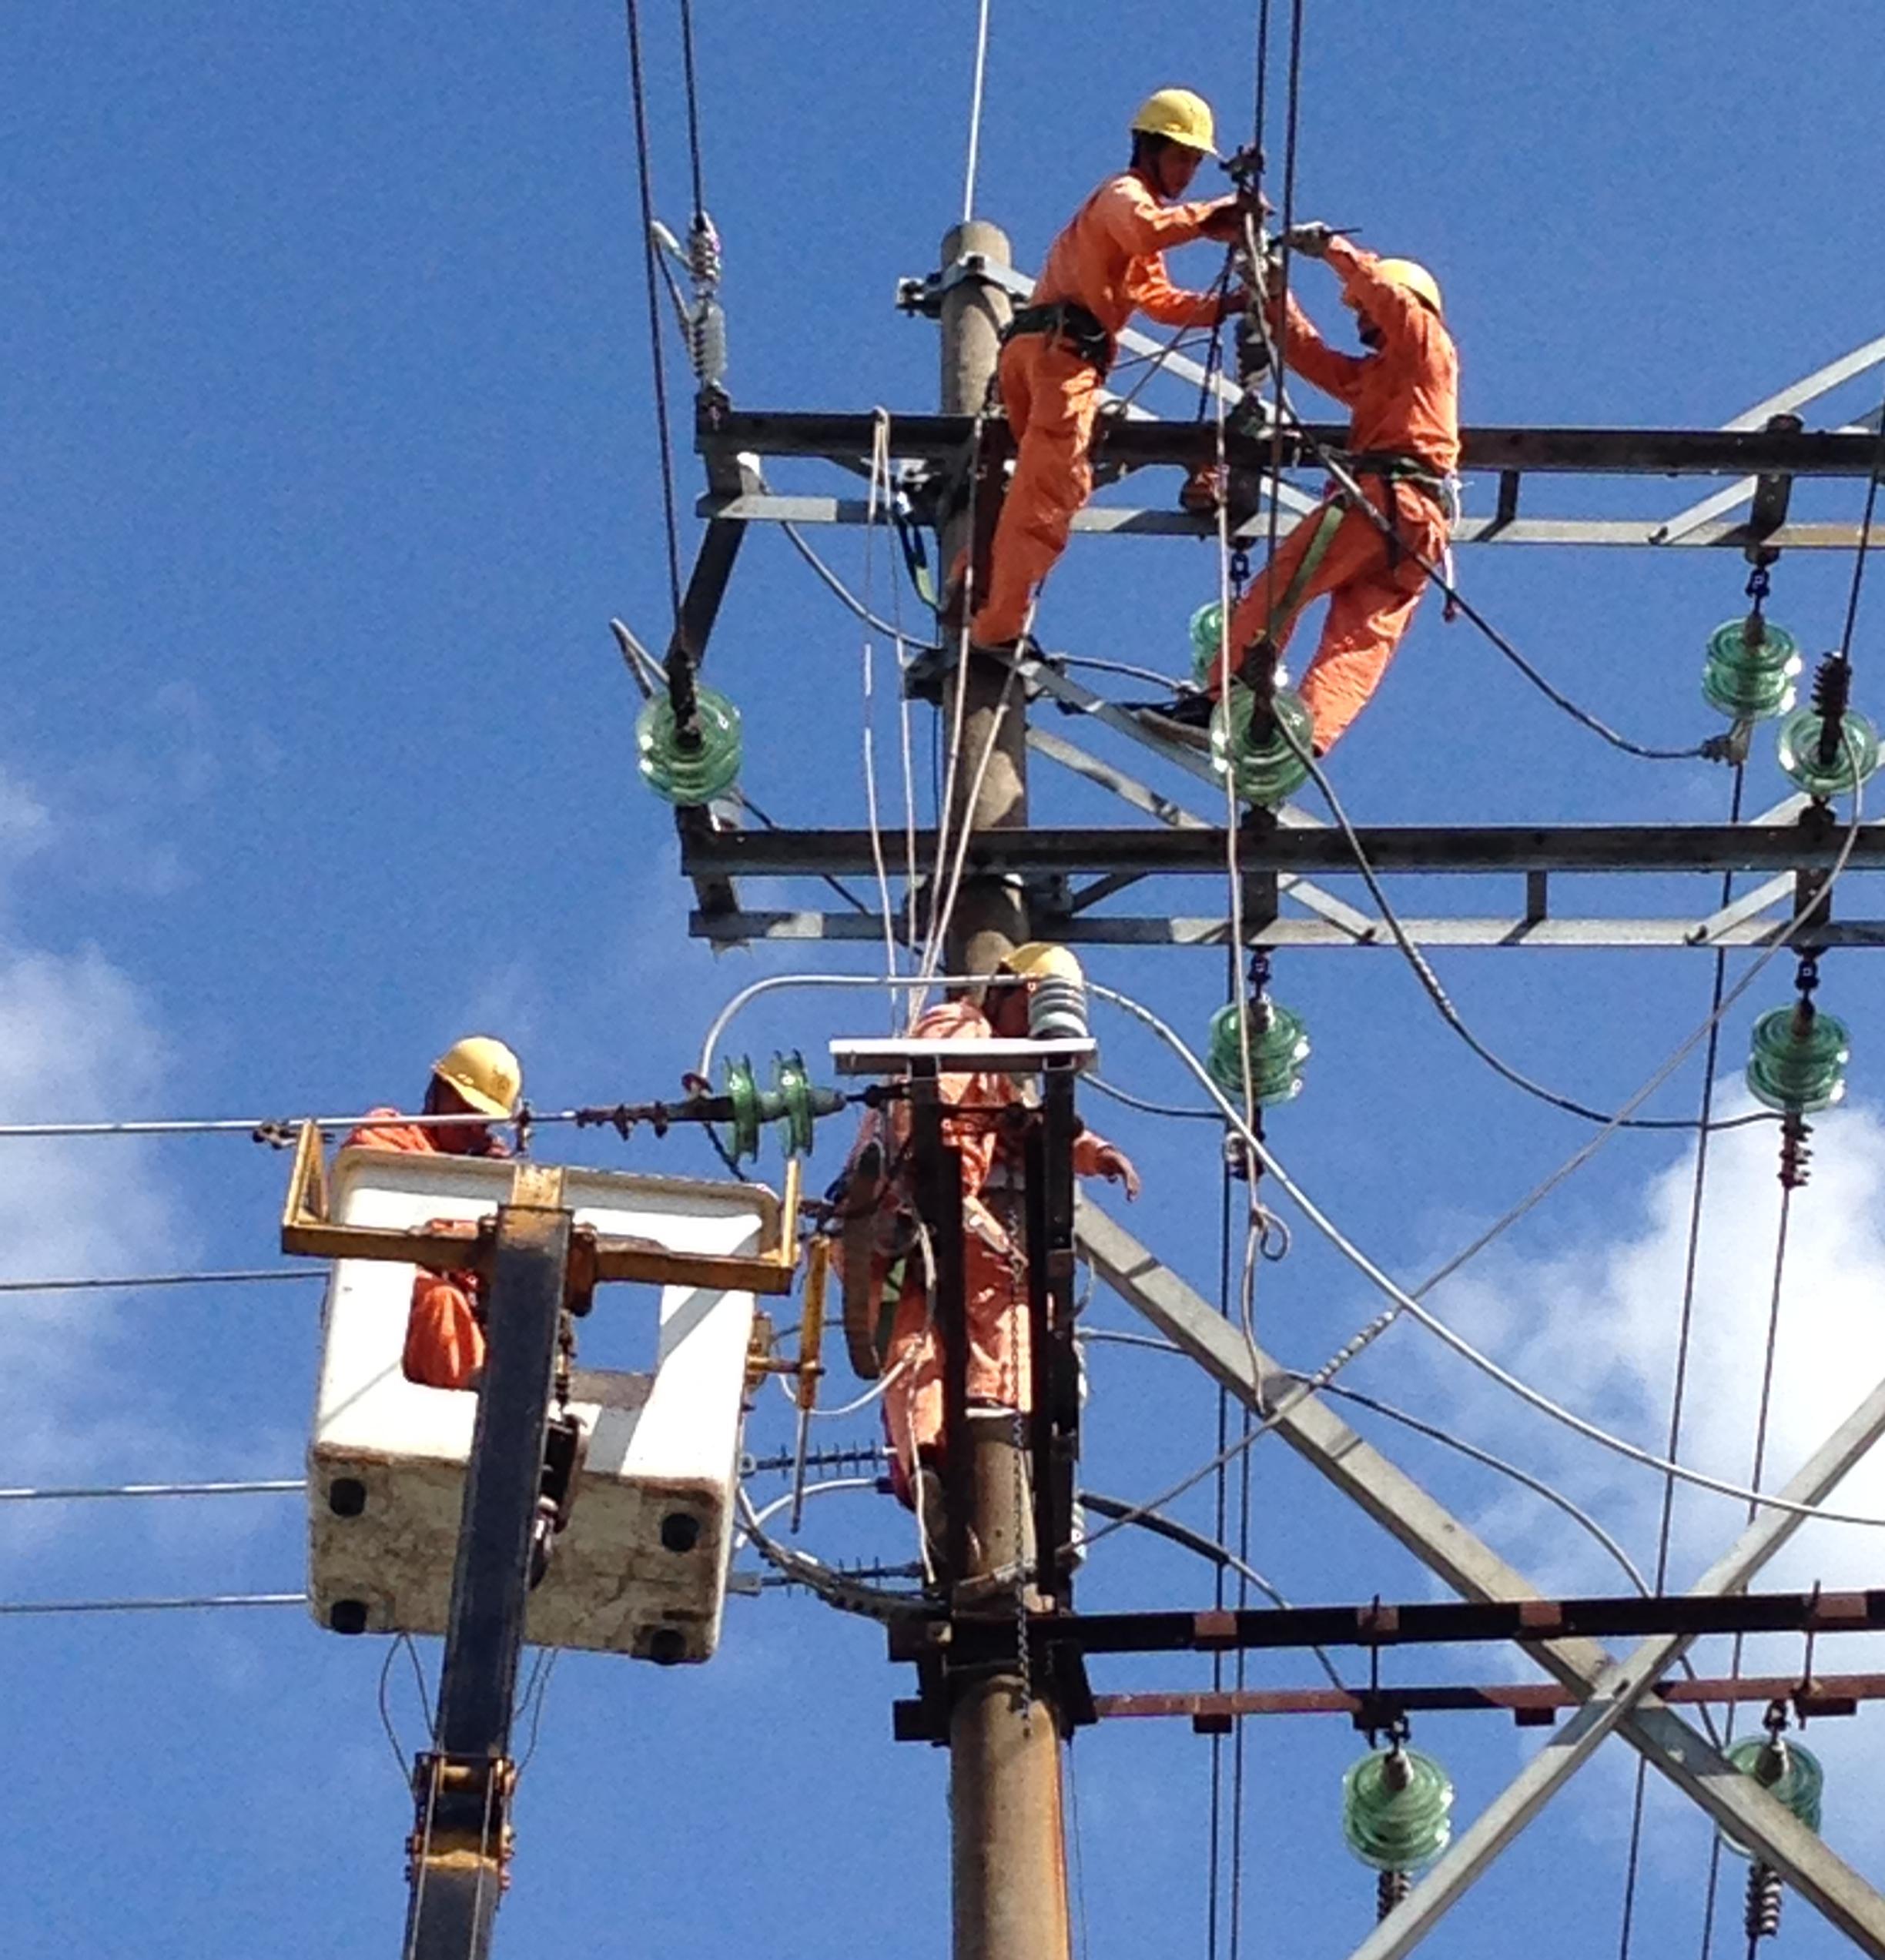 Nhân viên vận hành cần làm gì khi xảy ra mất điện toàn trạm điện?